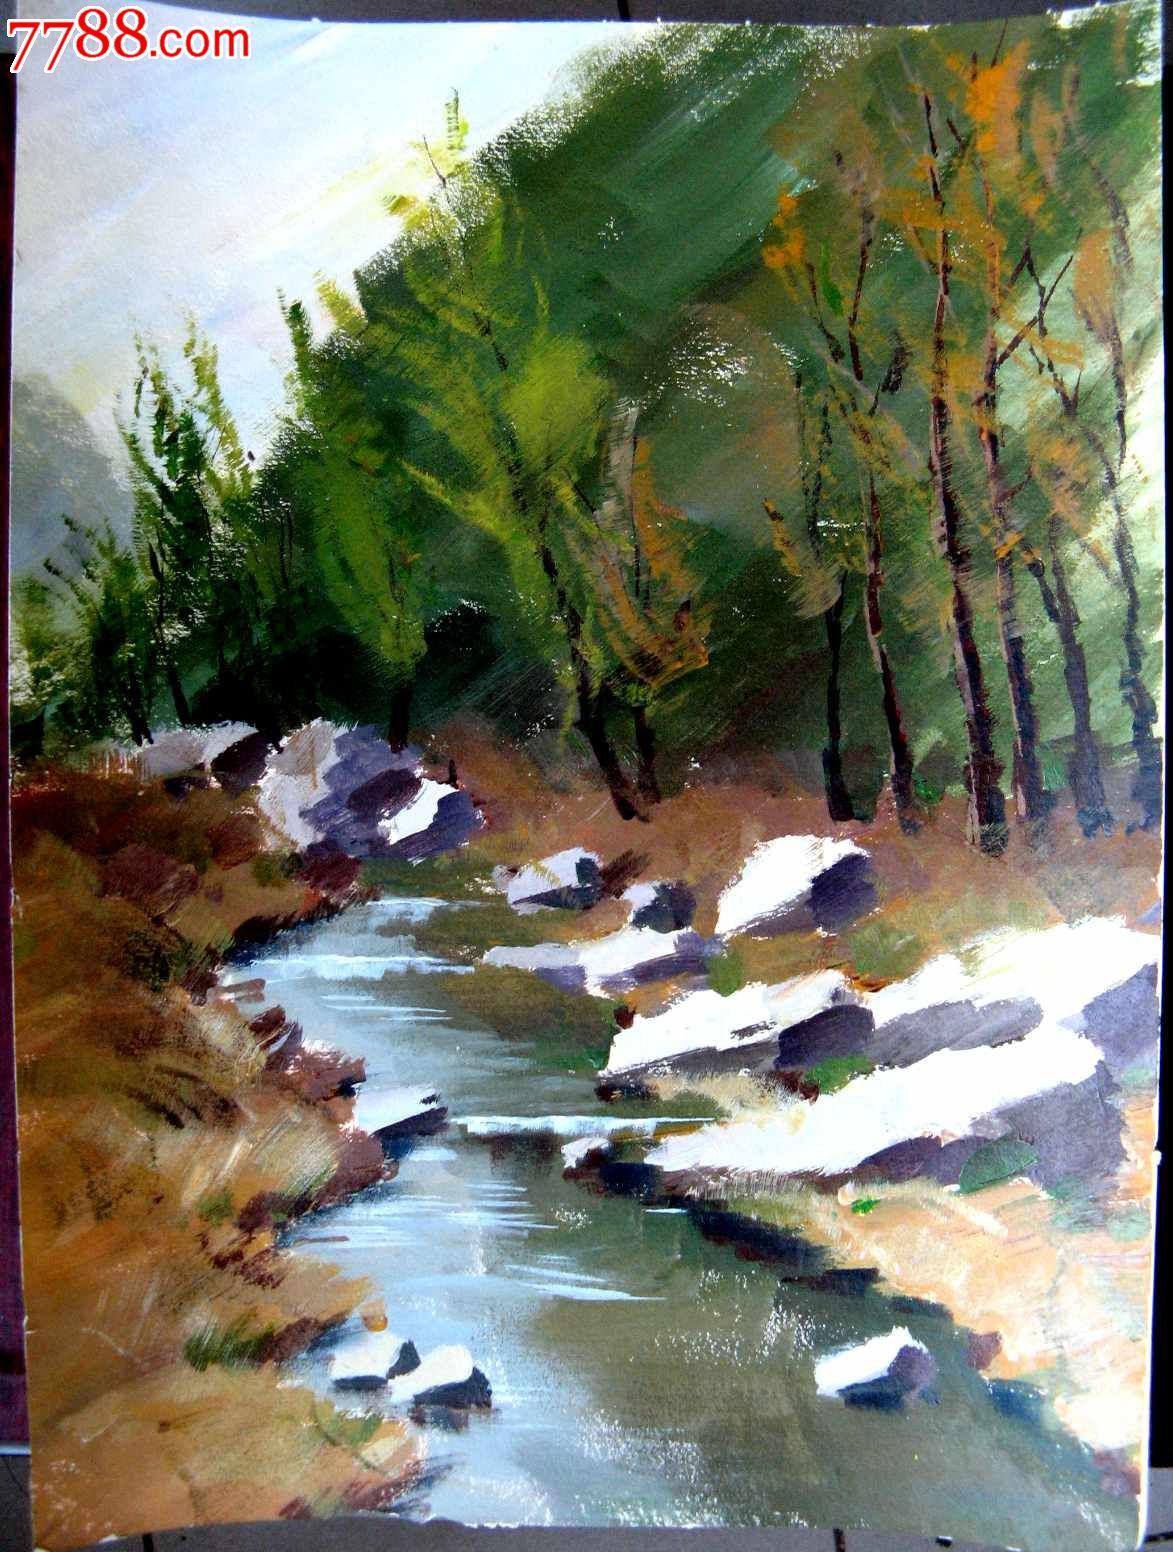 纸面风景油画:小溪与树林_第1张_7788收藏__中国收藏热线